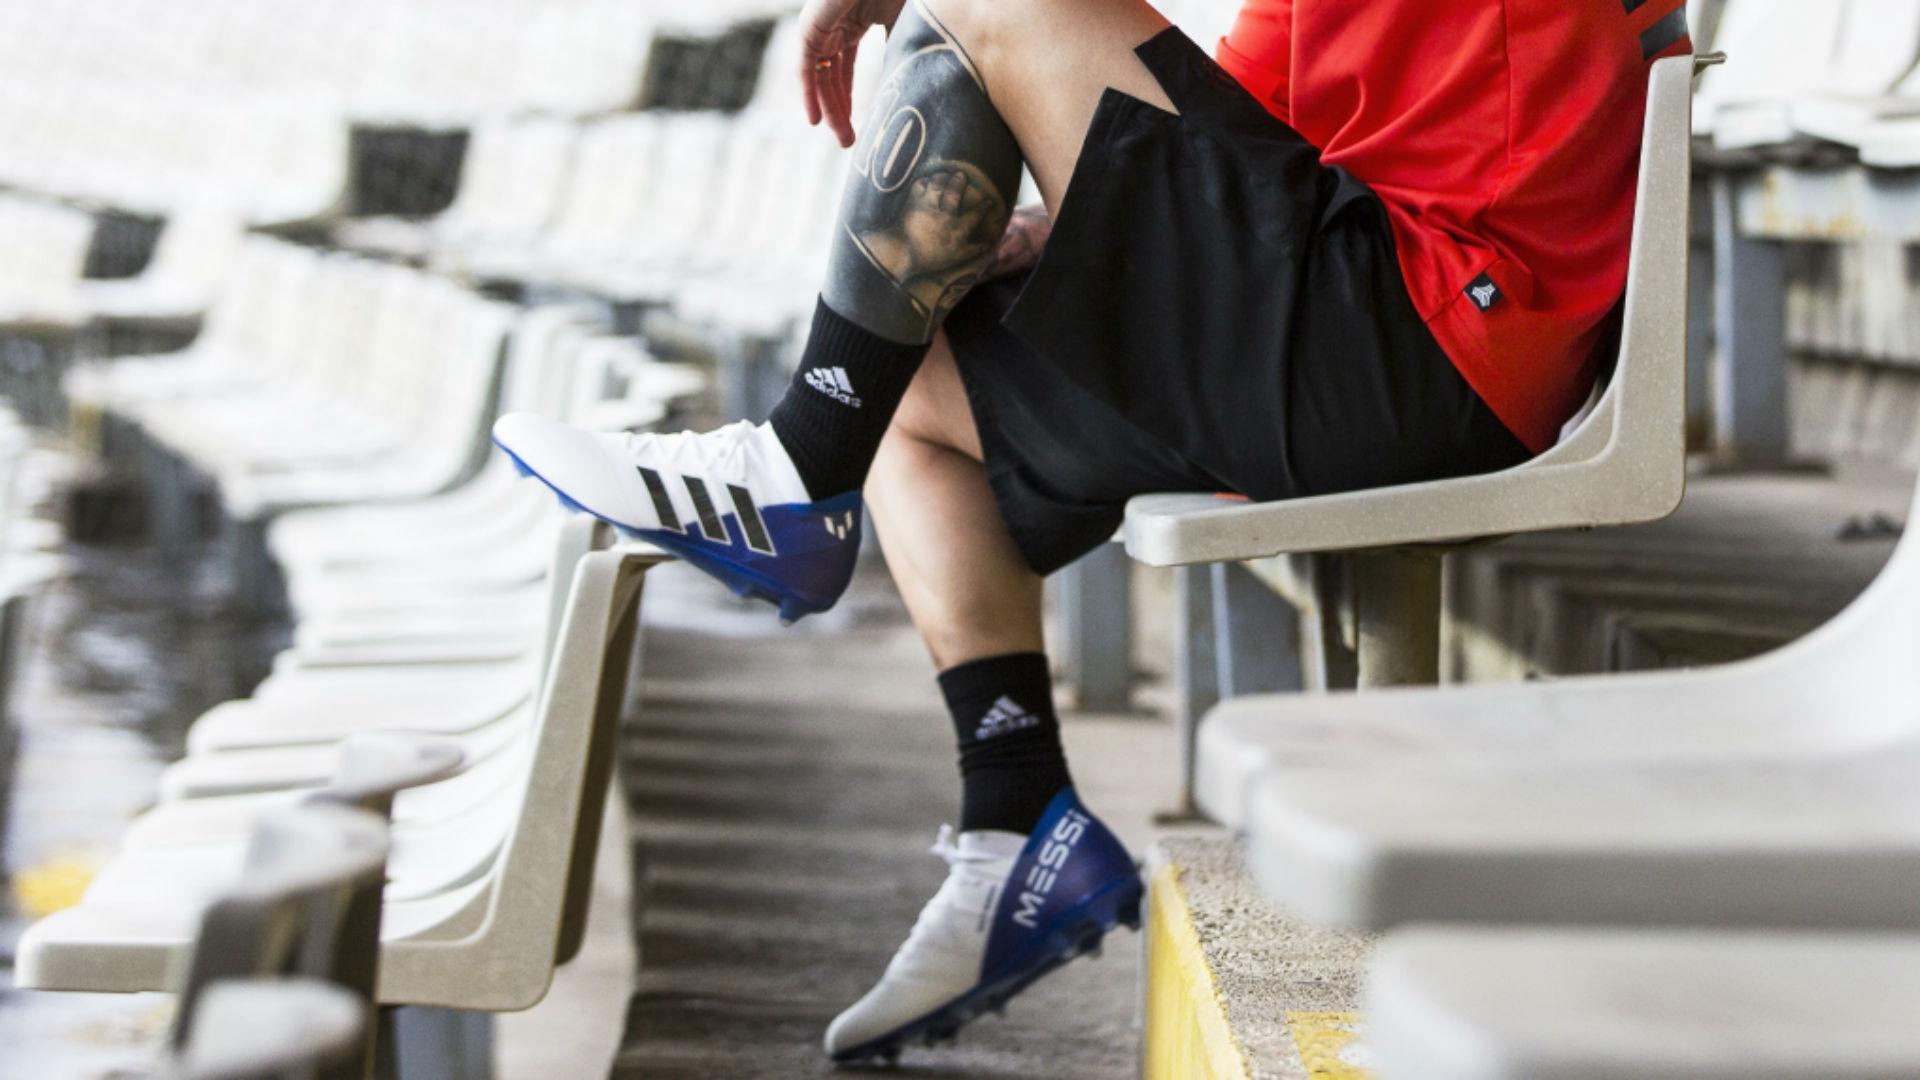 Lionel Messi botines adidas 260718